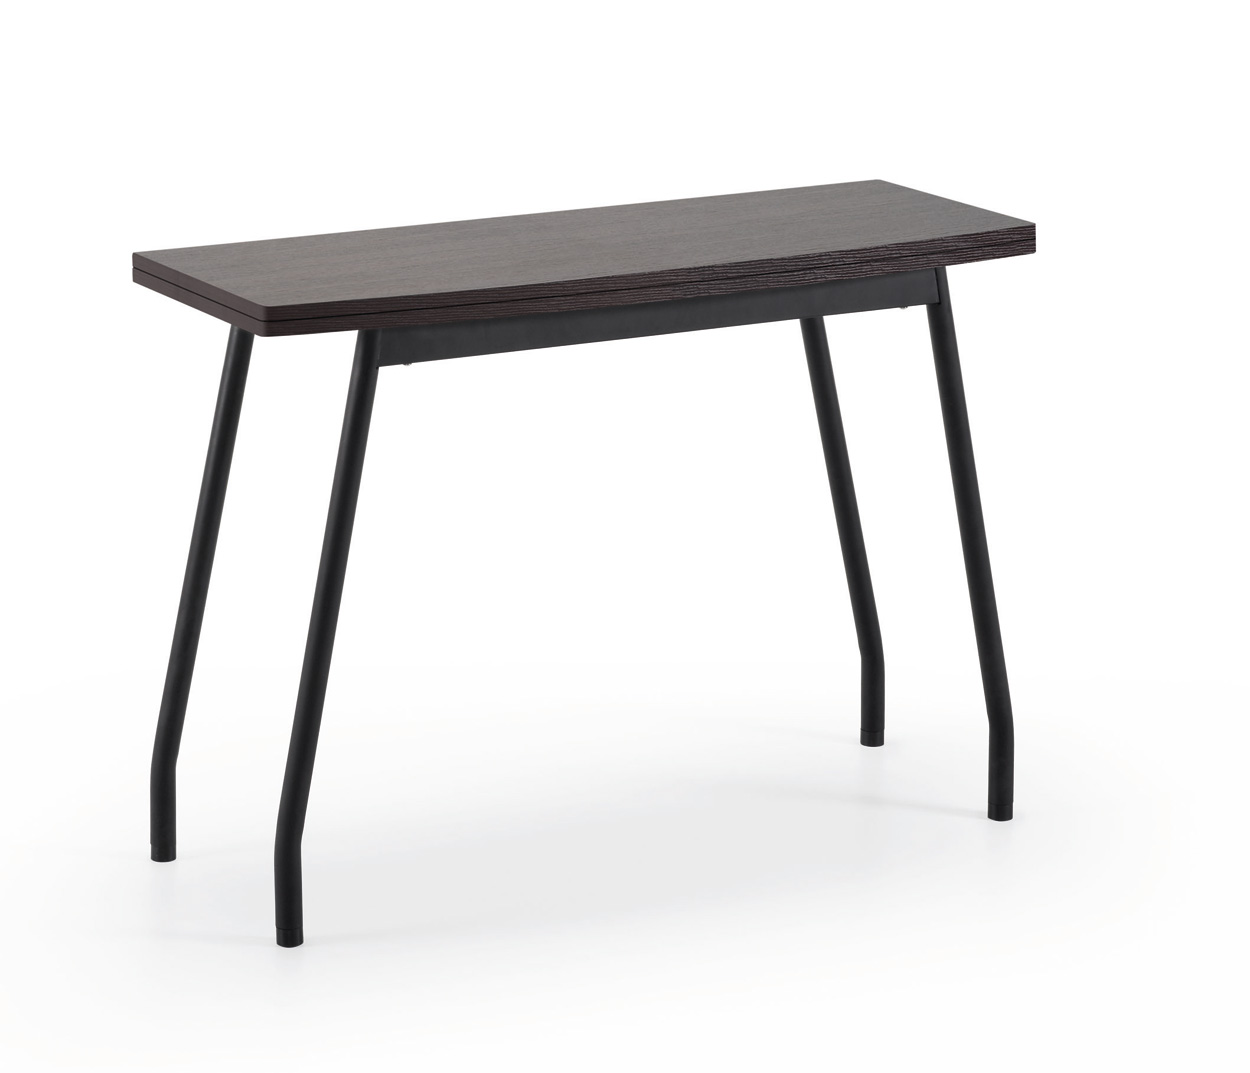 Mesa de cocina extensible peque a cocina y office mesas - Mesa pequena extensible ...